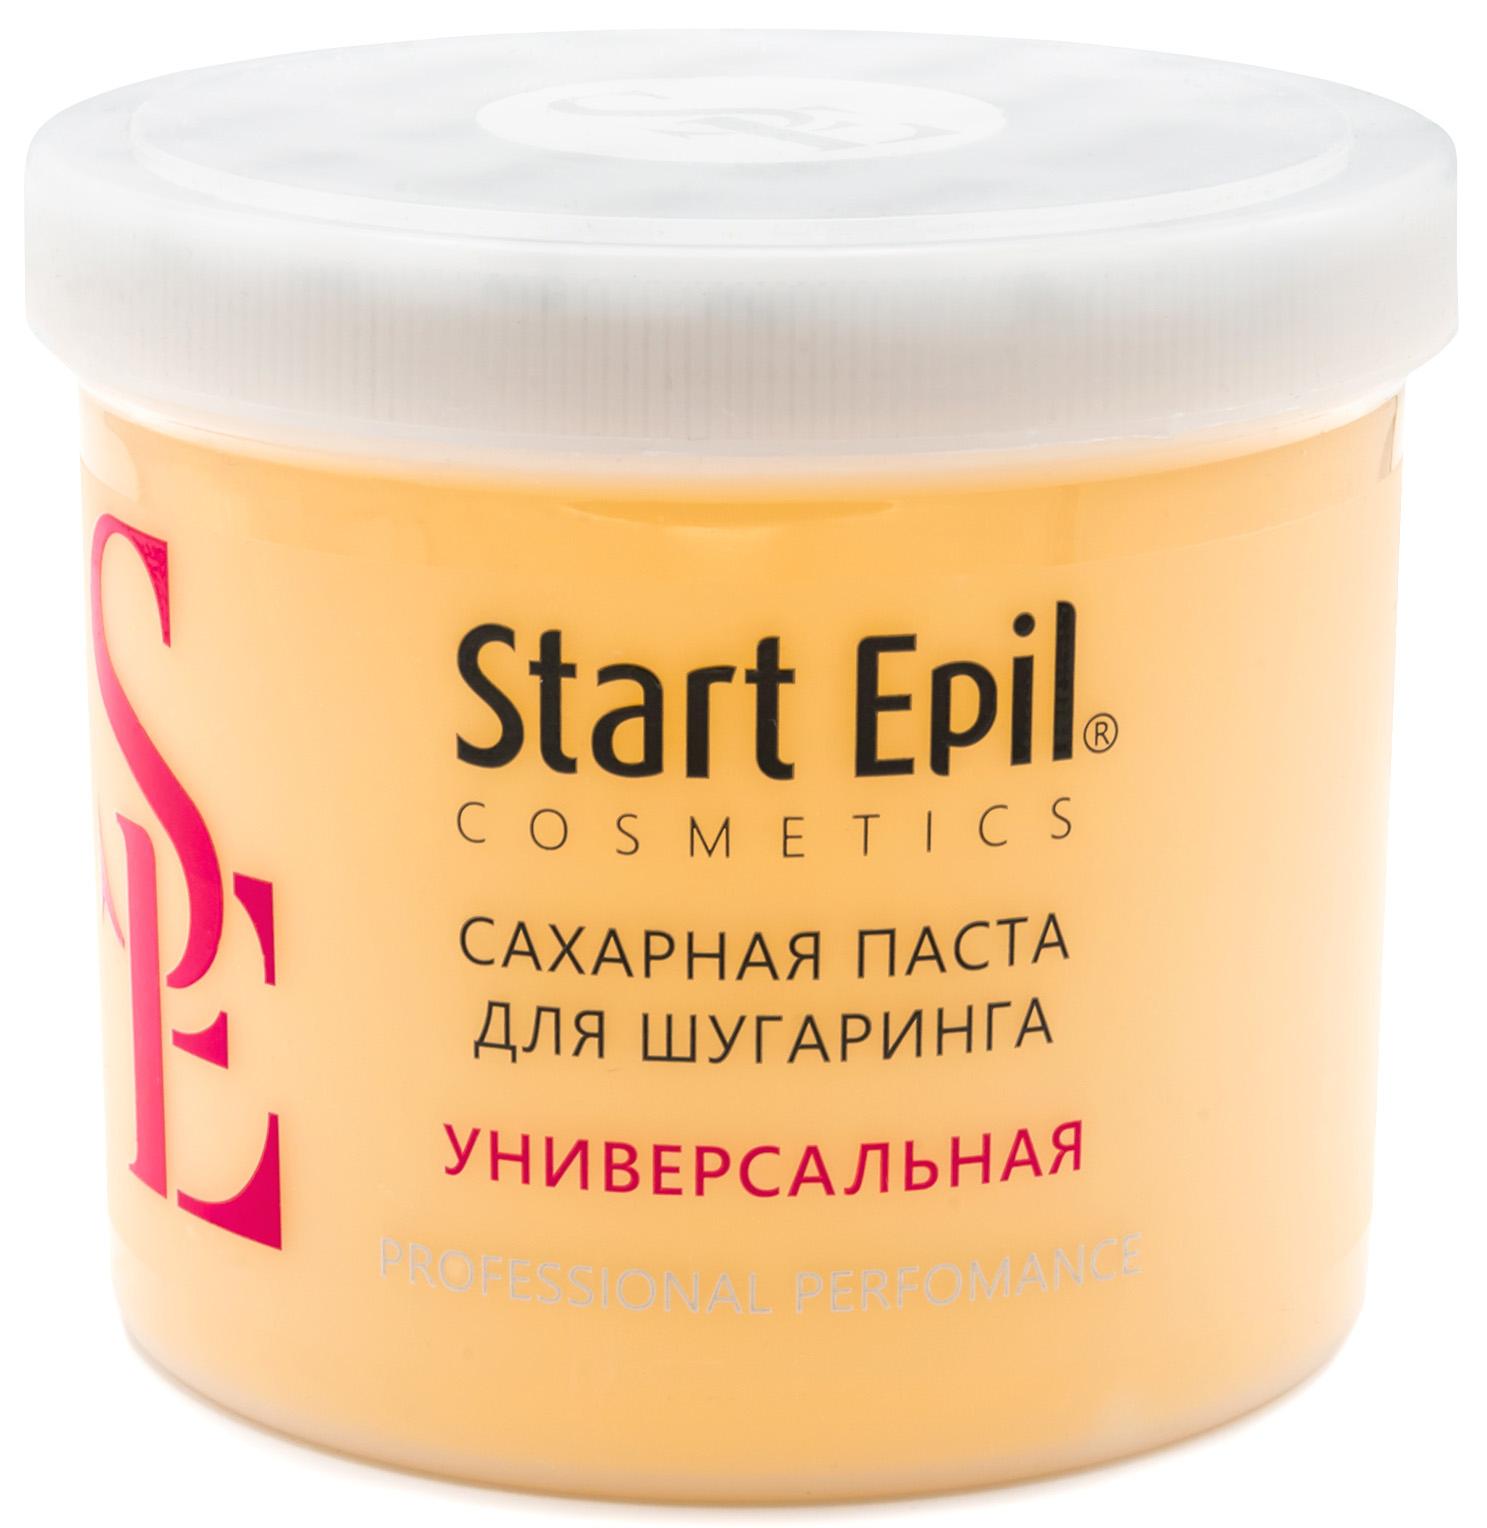 Купить Aravia Professional Start Epil Паста для шугаринга Универсальная , 750 г (Aravia Professional, Spa Депиляция), Россия